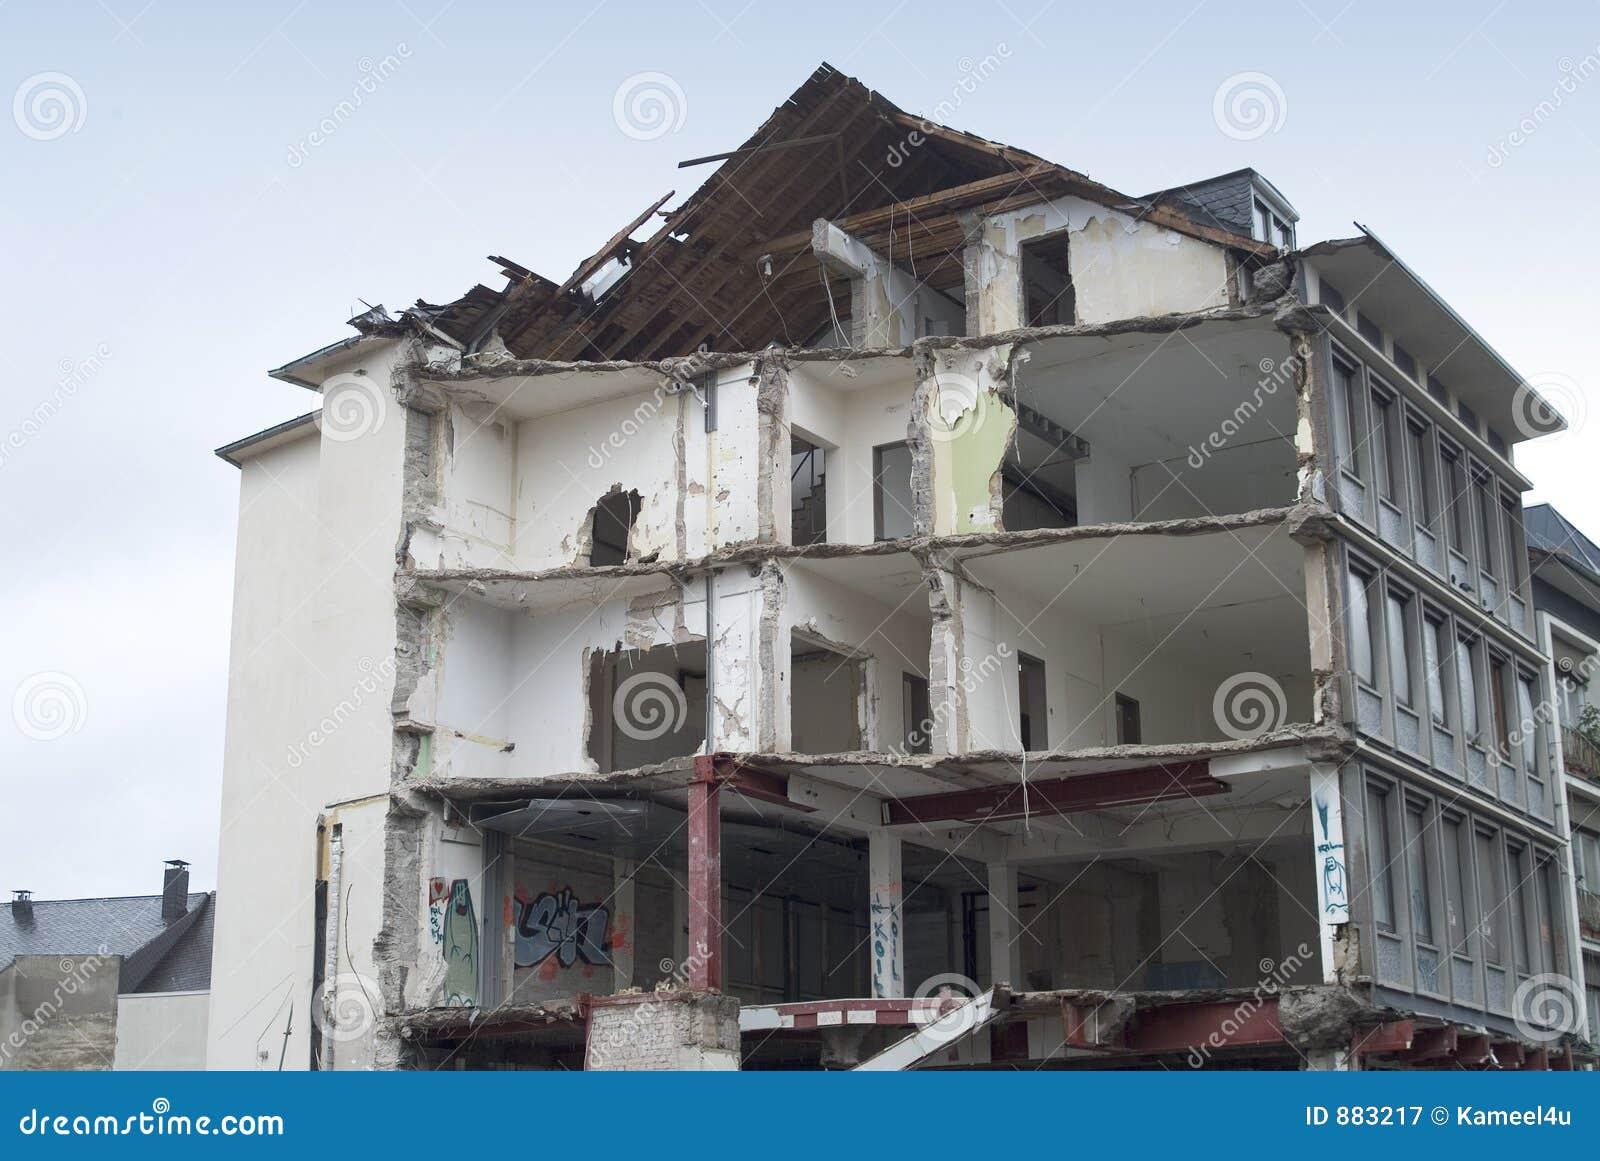 Zniszczenie budynku.